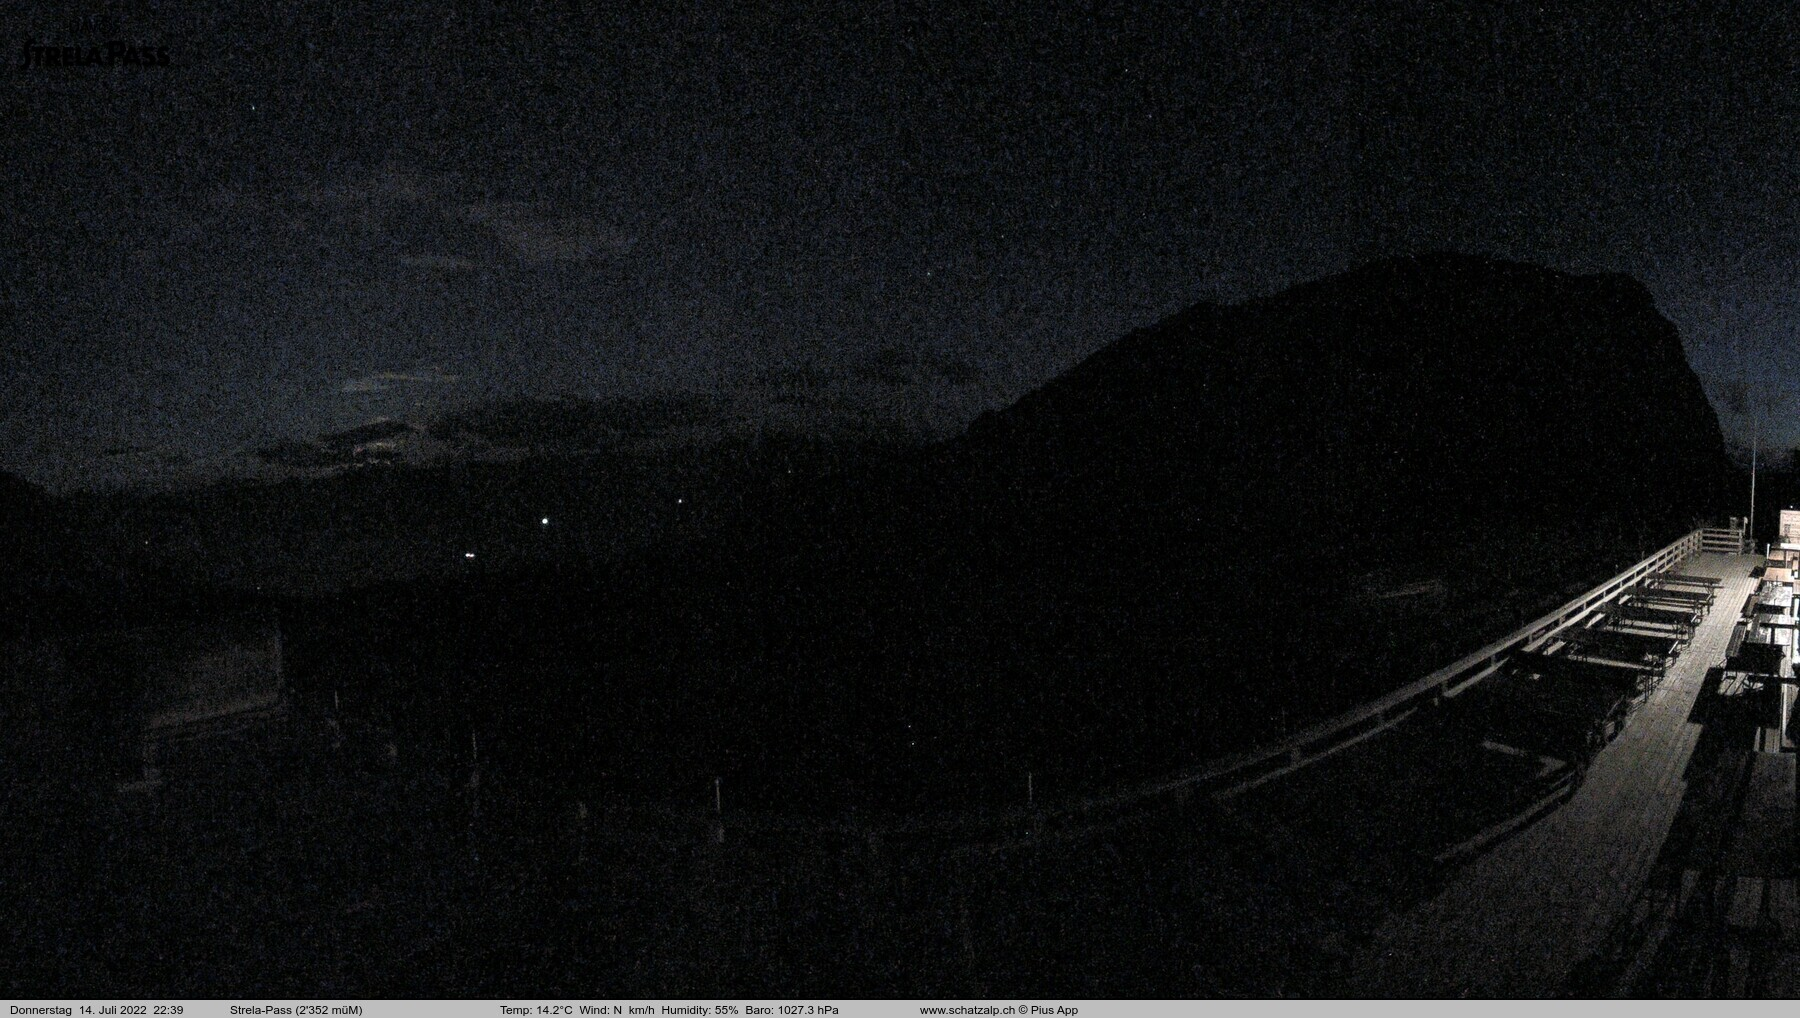 Davos Strelapass